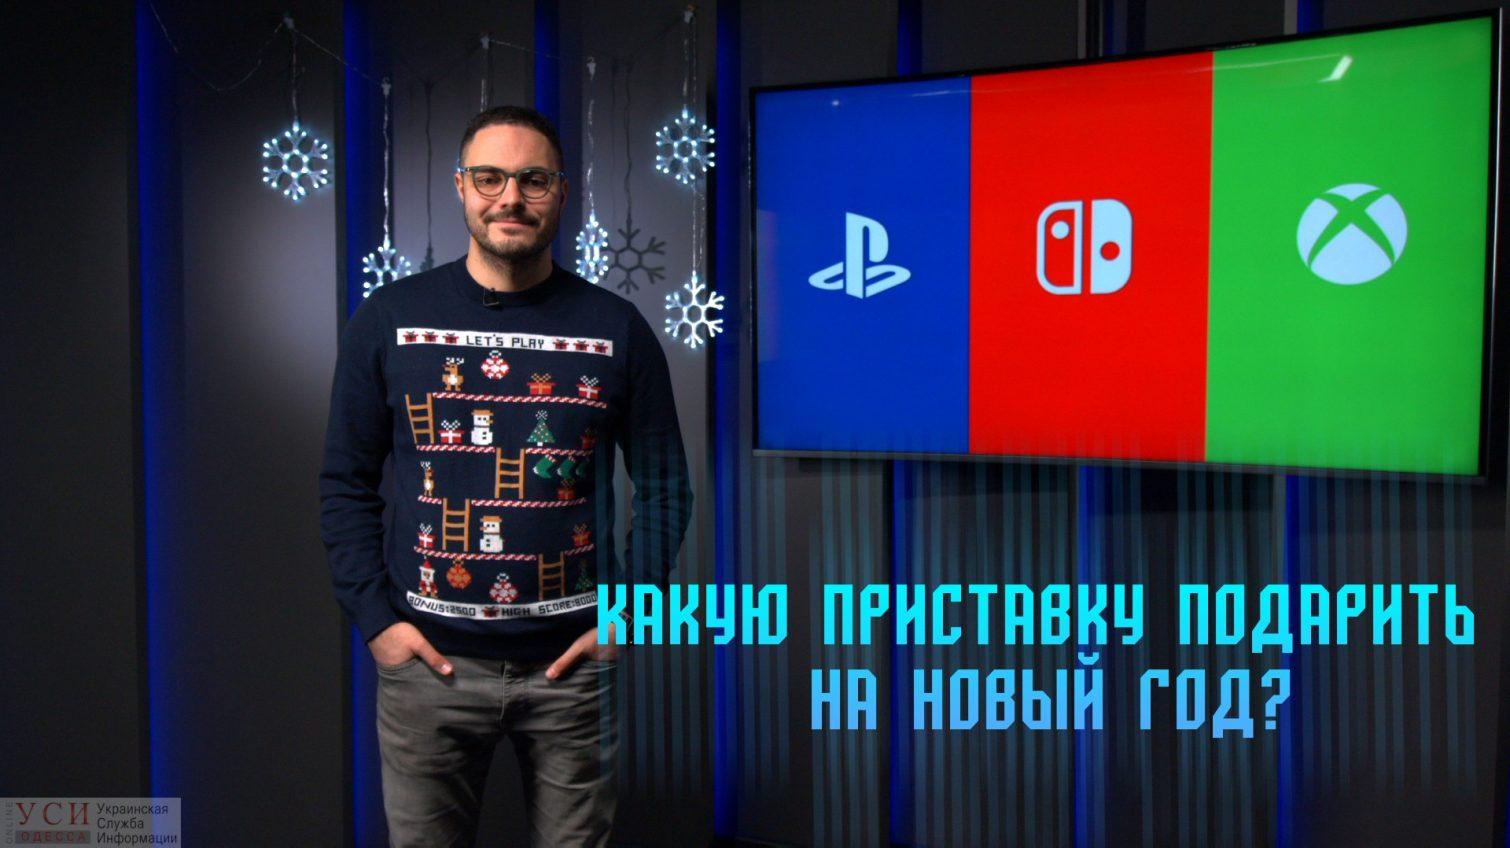 РRO игры: какую игровую приставку подарить на Новый год? «фото»